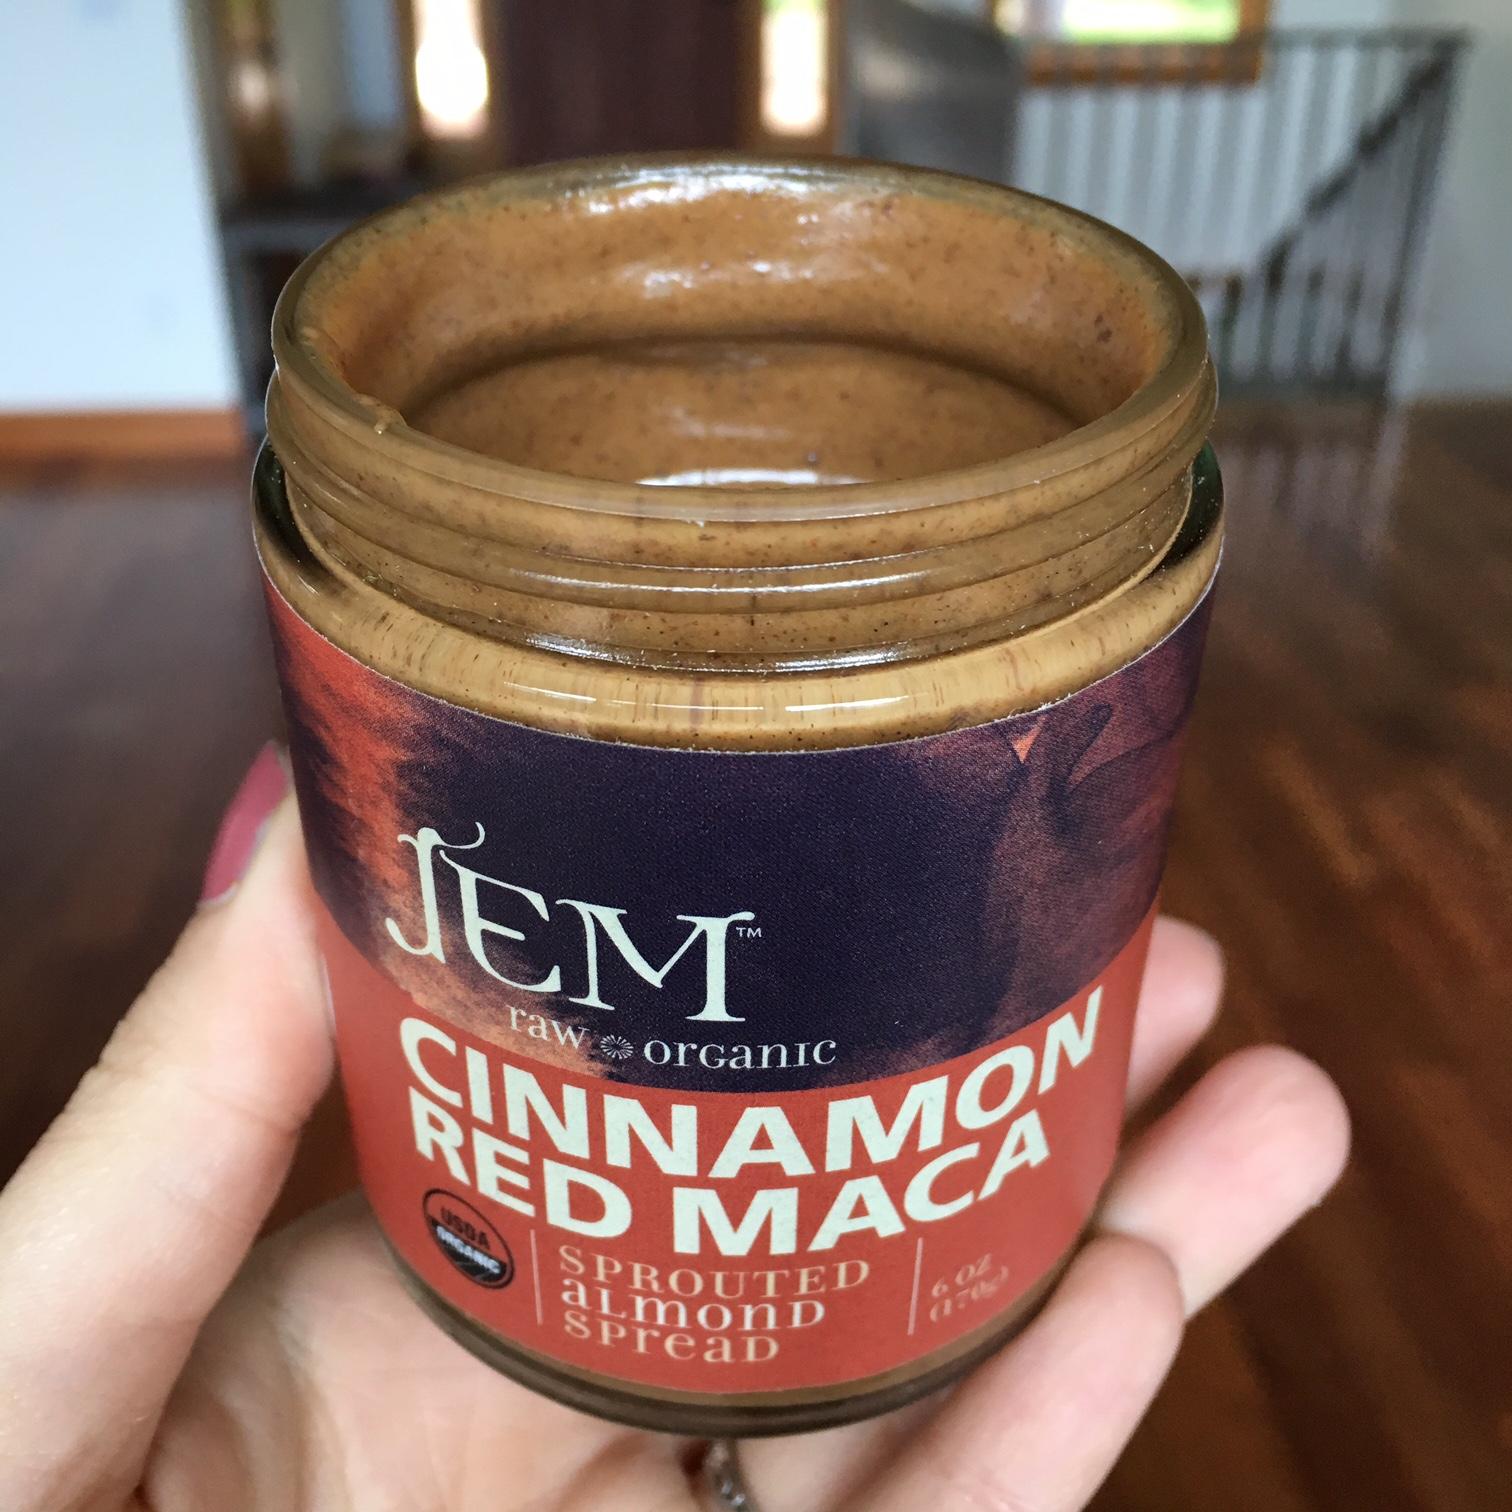 JEM cinnamon Red Maca nut butter